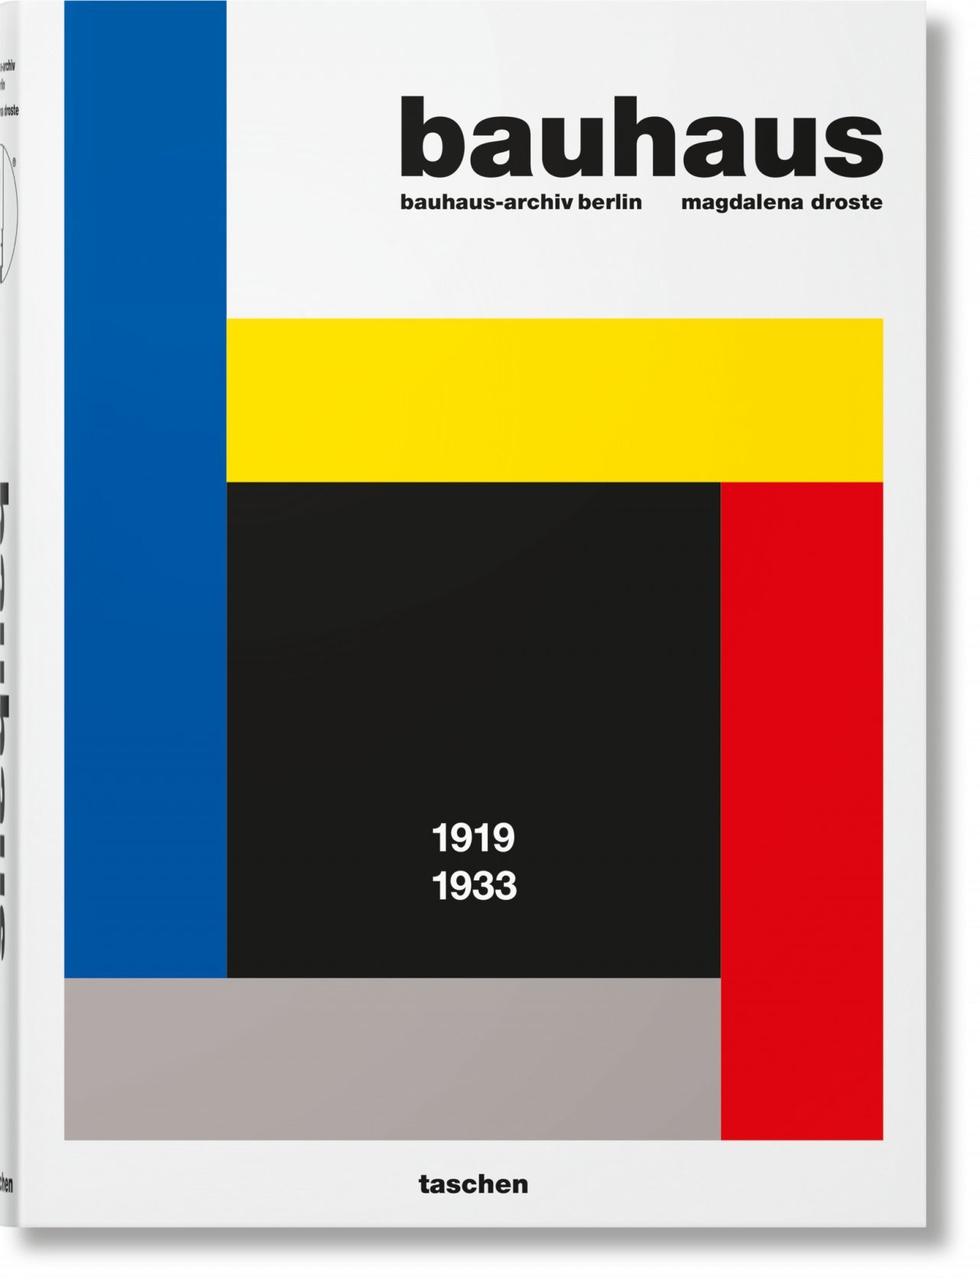 Bauhaus Aktualisierte Ausgabe Gebundenes Buch Buch Greuter